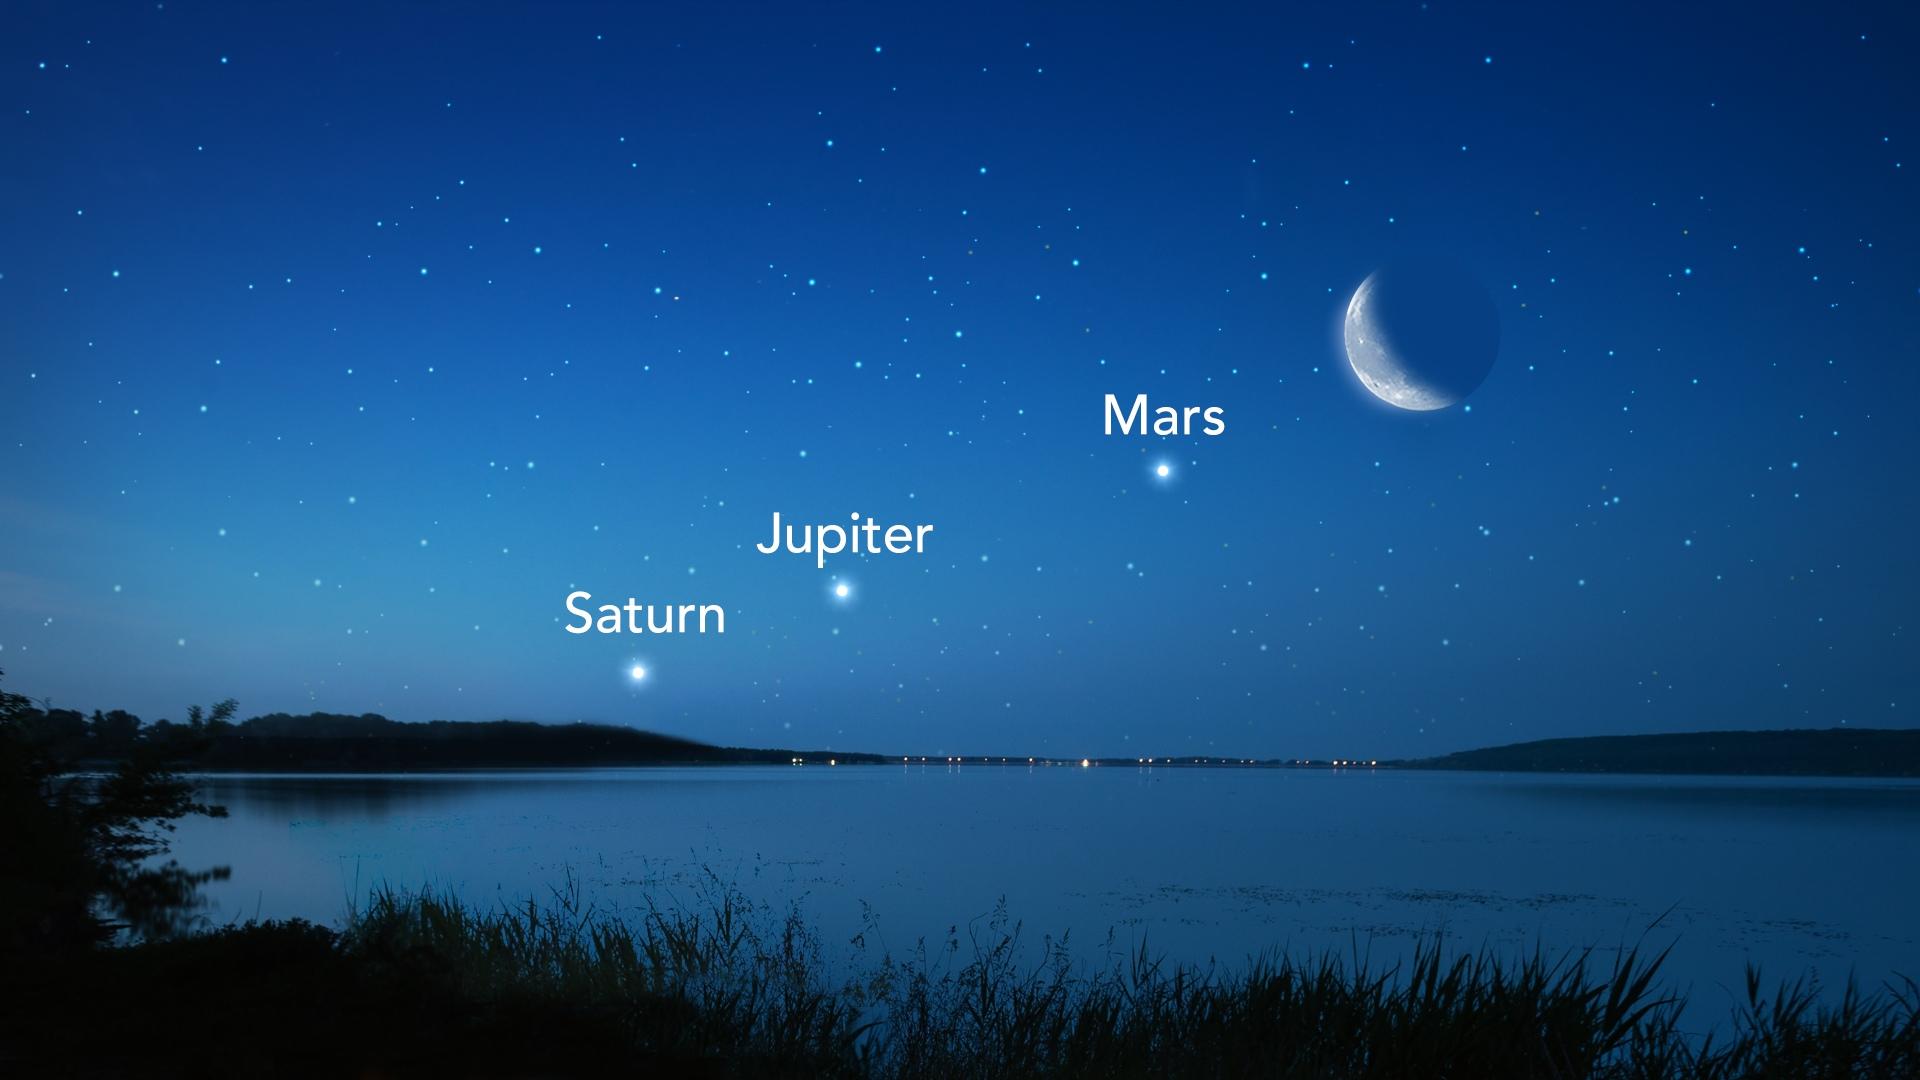 Так выглядел парад планет в ночь с 16 на 17 февраля 2020 года. Красота!